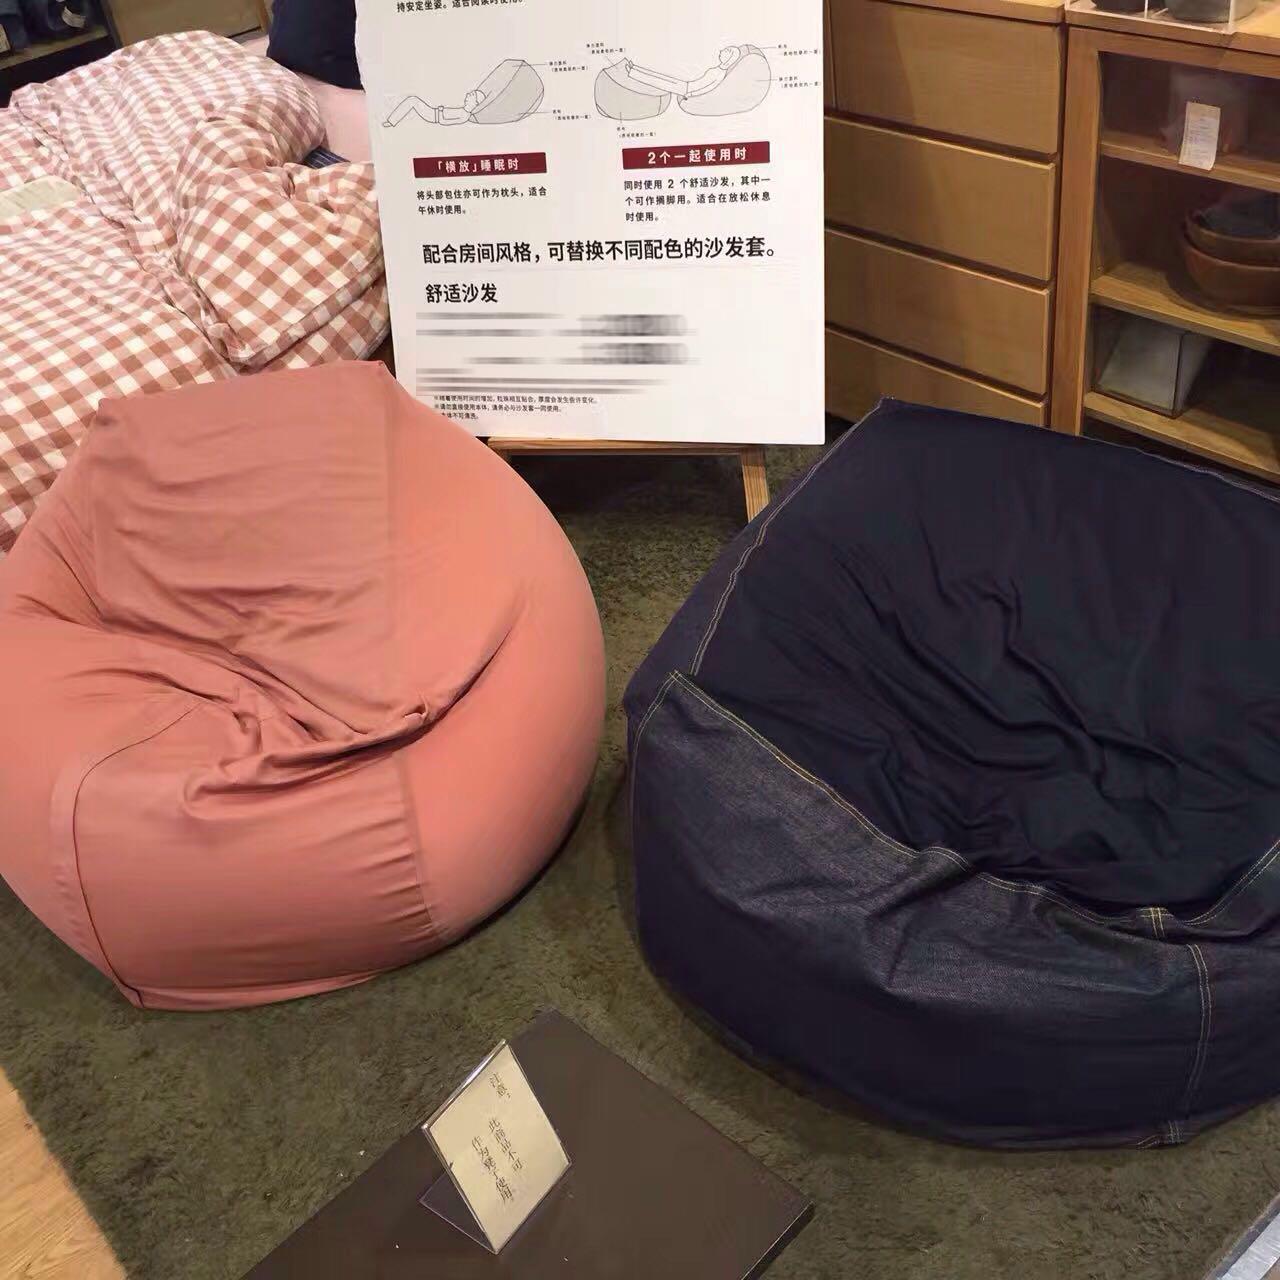 无印懒人沙发豆袋舒适布艺榻榻米卧室客厅创意小沙发单人沙发躺椅